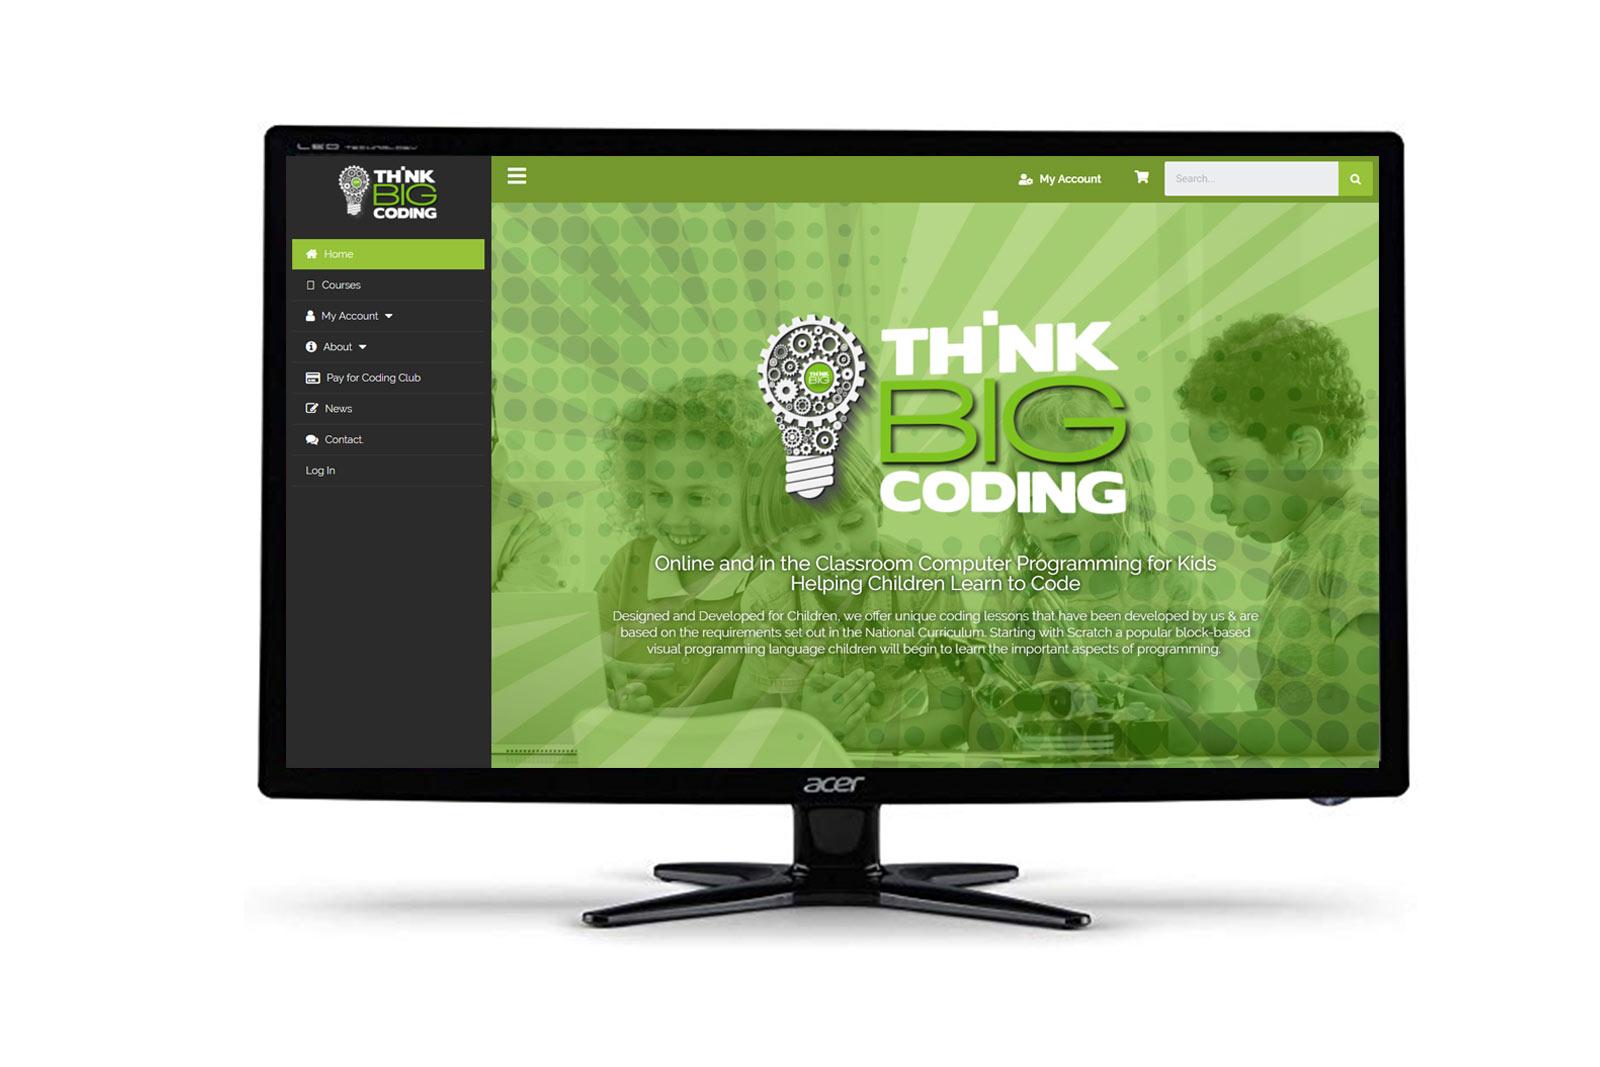 thinkbigcoding-1